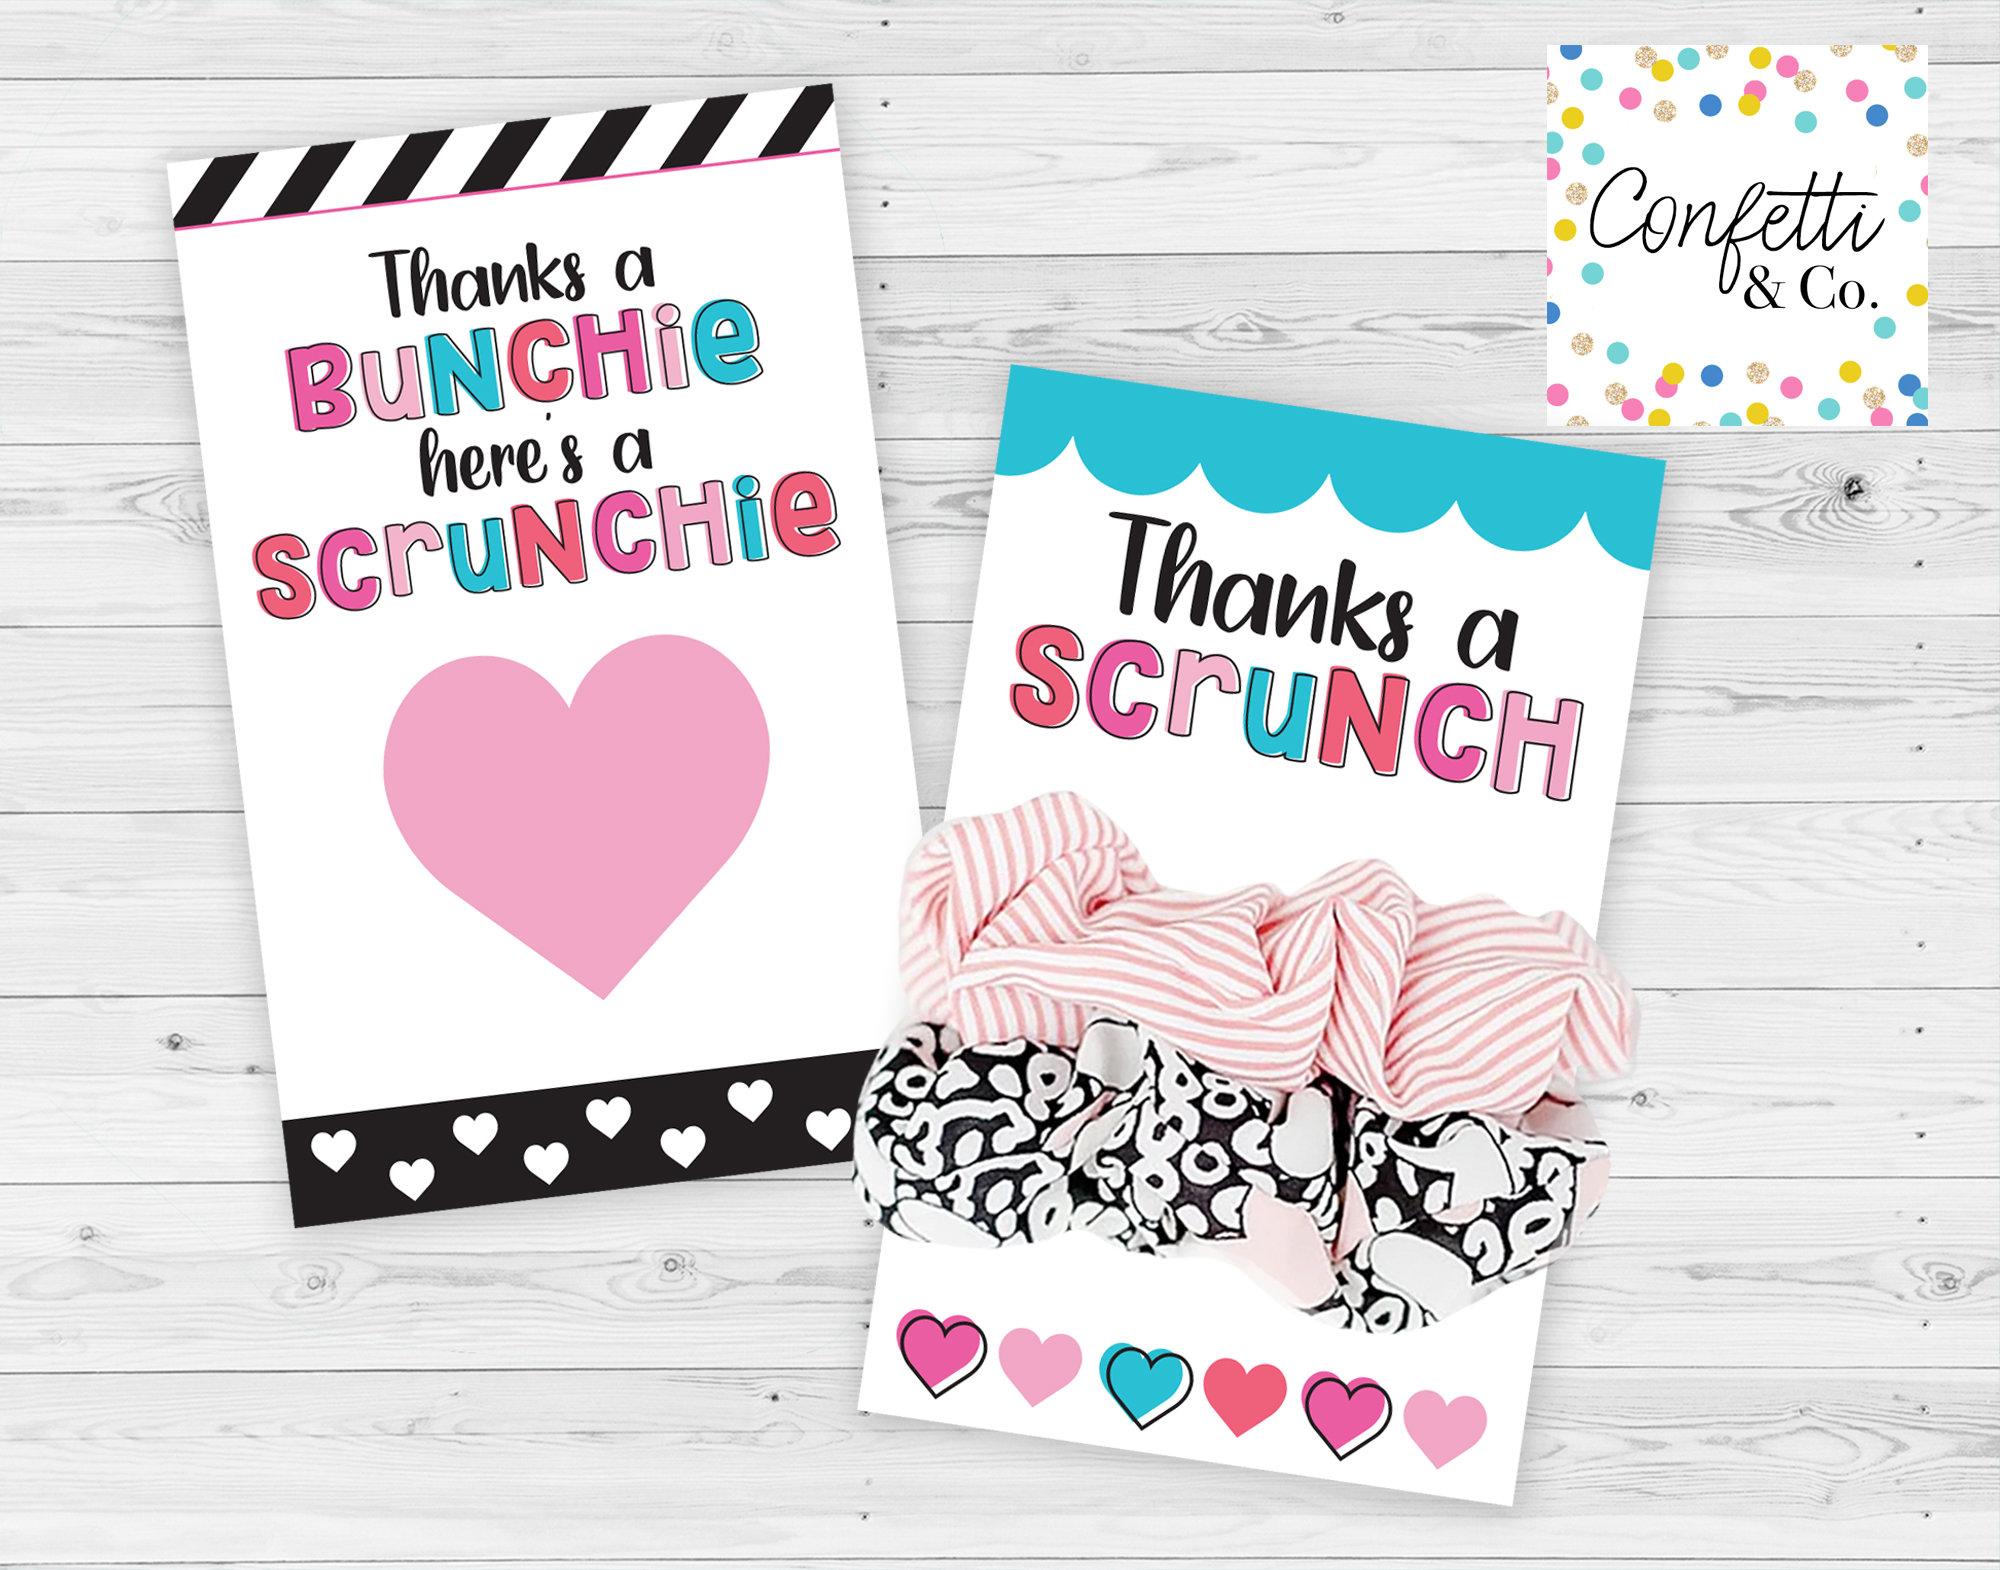 Bunchie Scrunchie